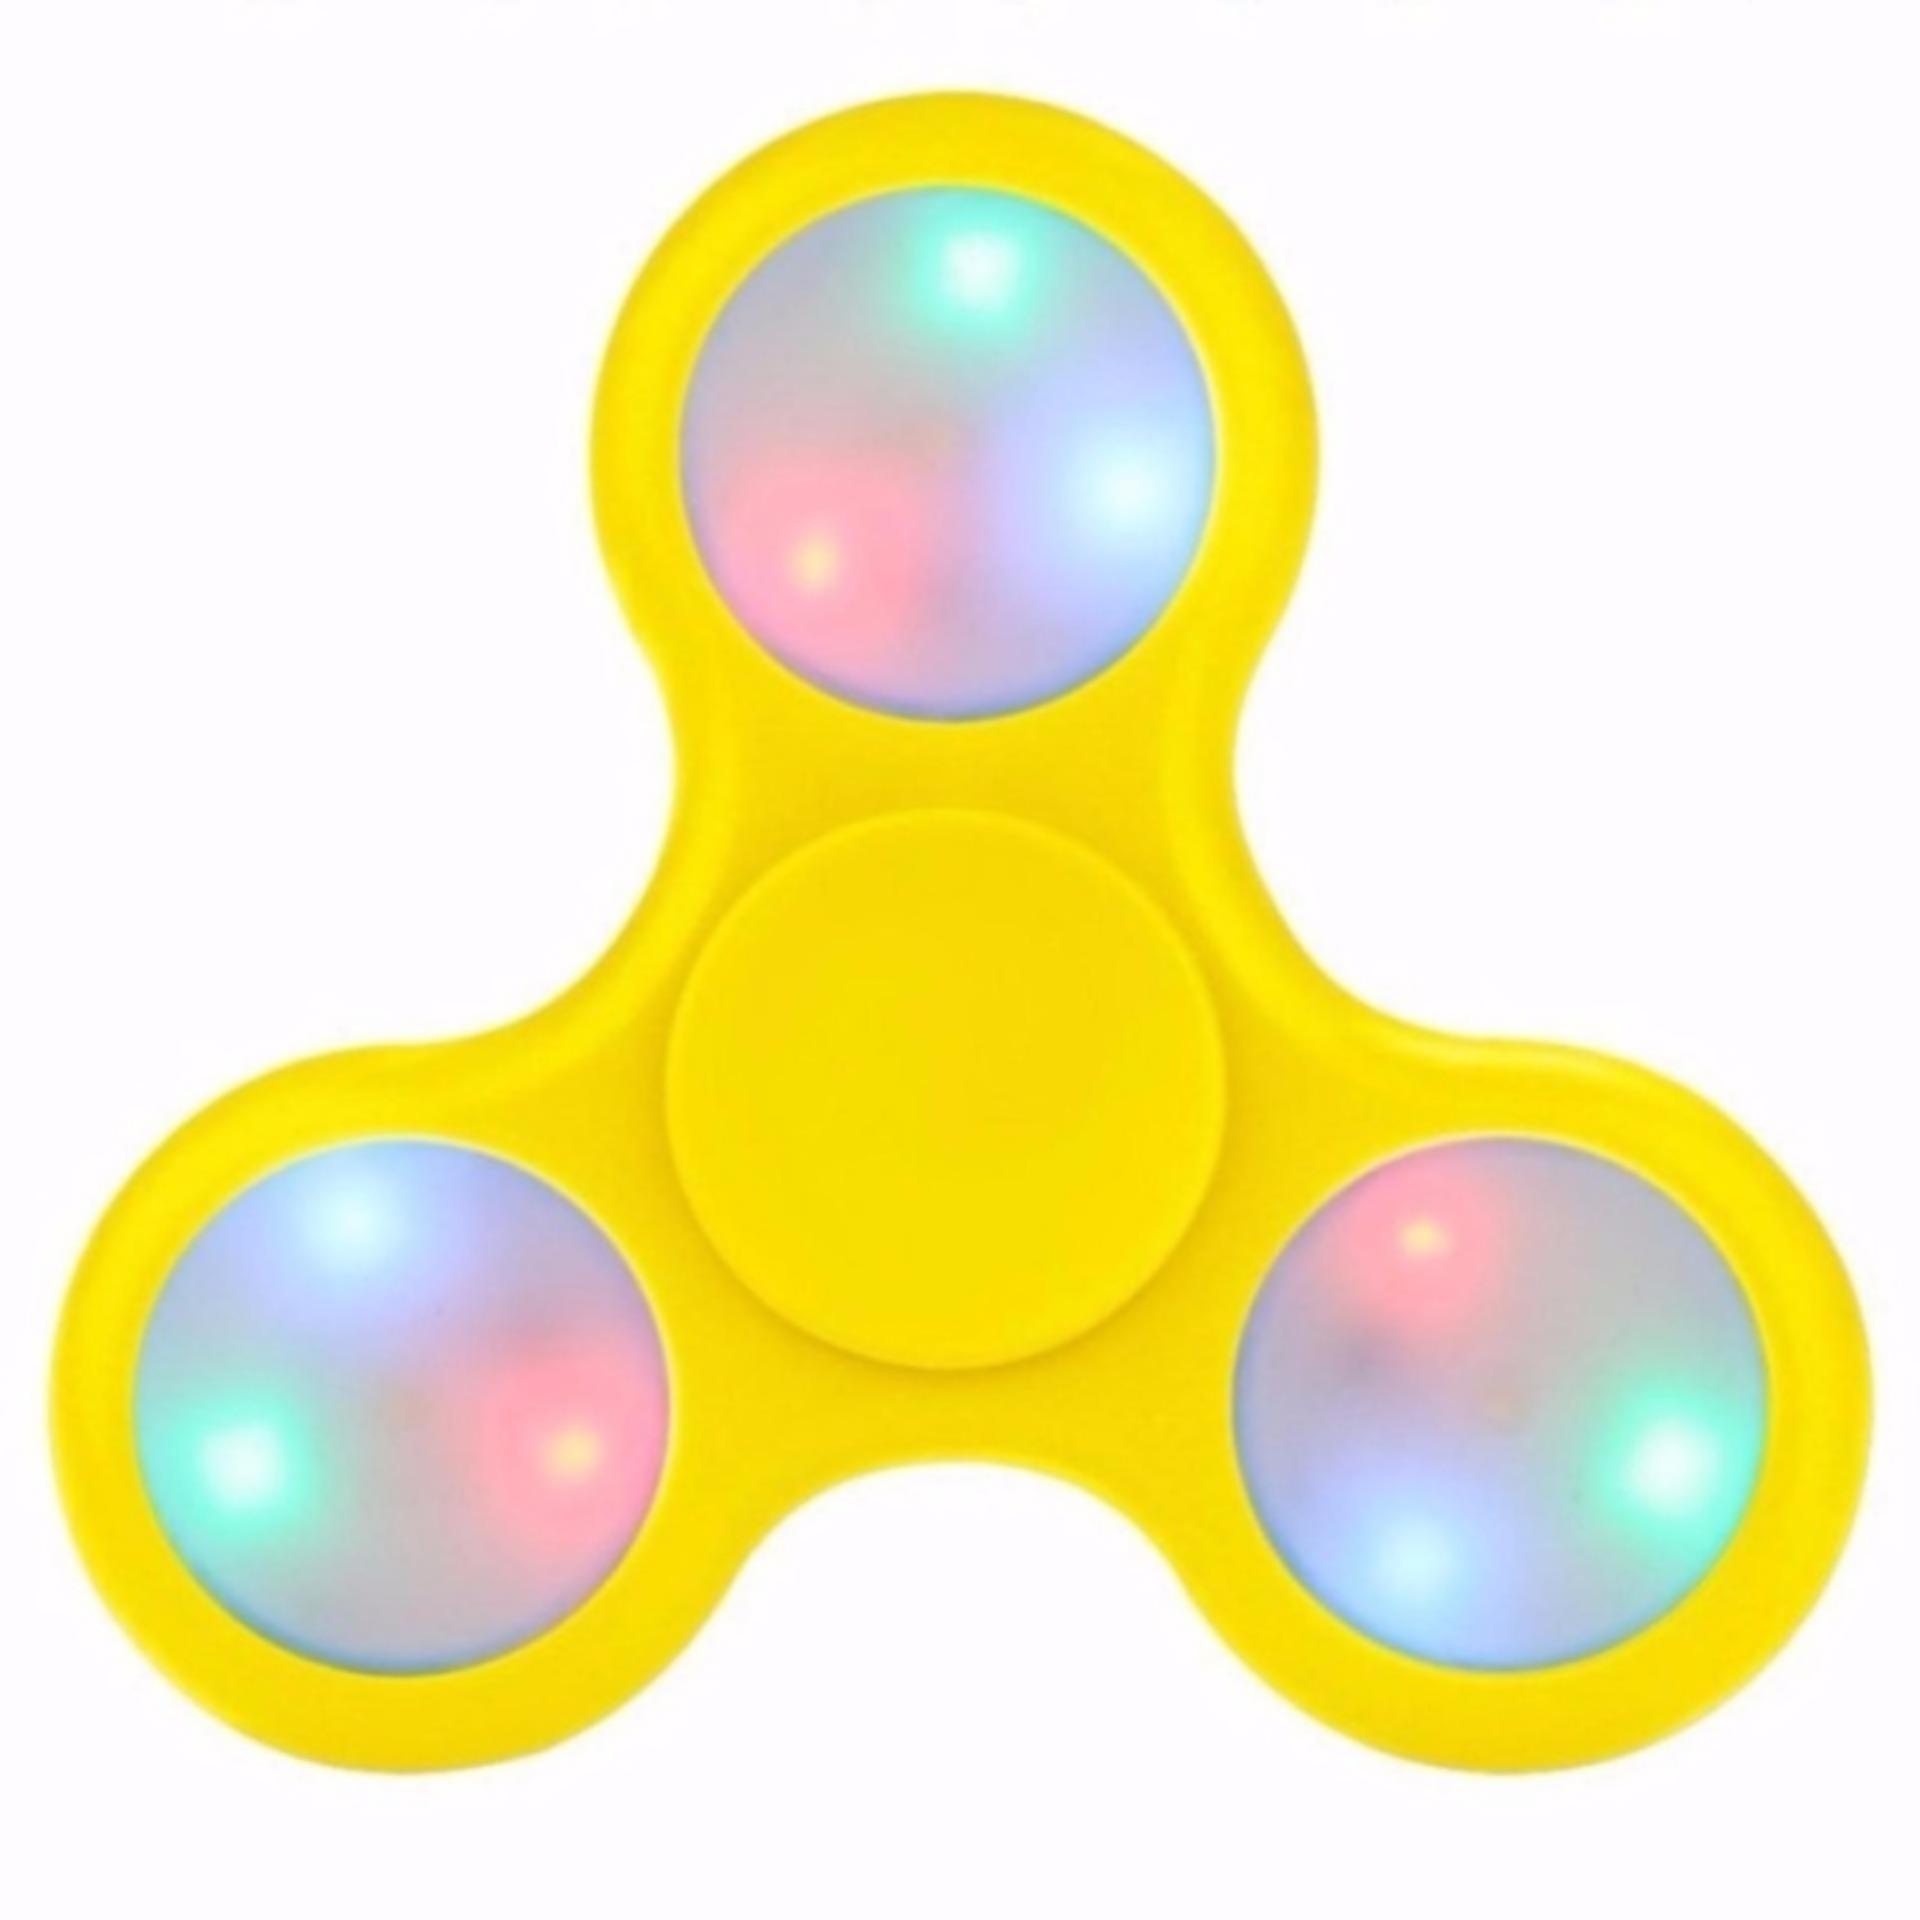 Daftar Harga Fidget Spinner Led Light Colours Hand Finger Toys Spiner Nyala Mainan Jari Tangan Putar Lampu